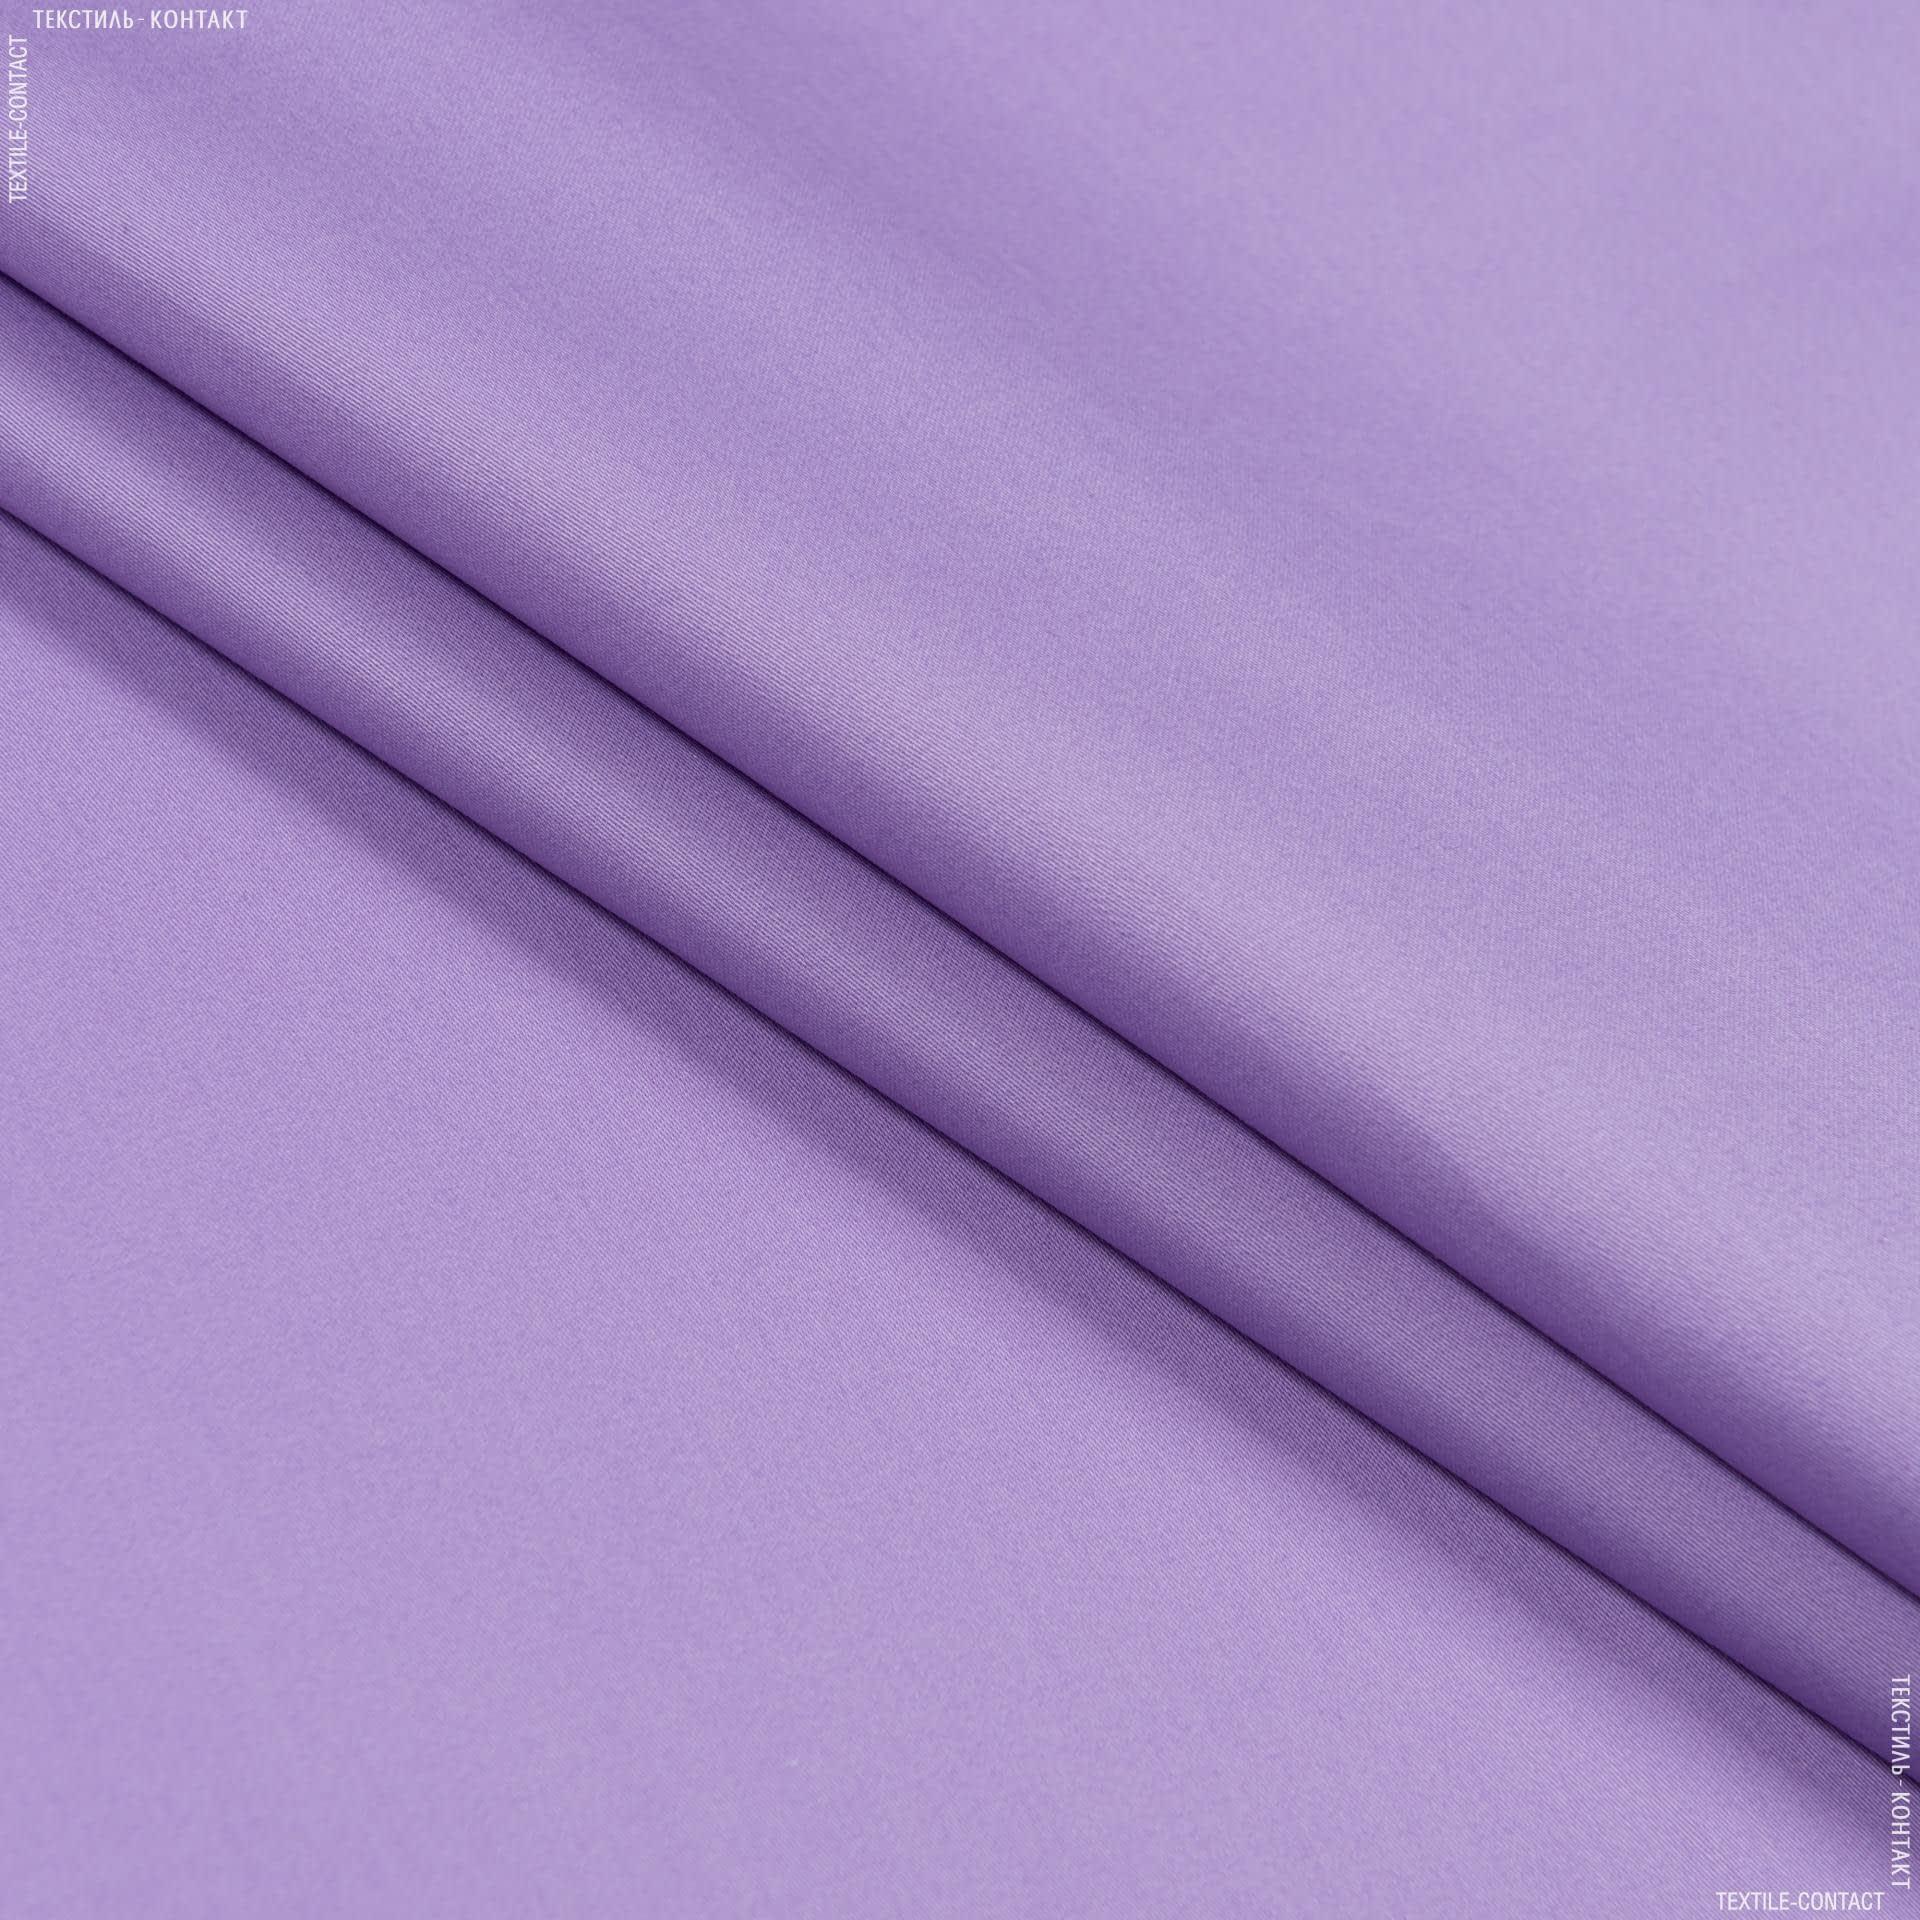 Ткани для платьев - Сорочечная бергамо сатен темно-сиреневый